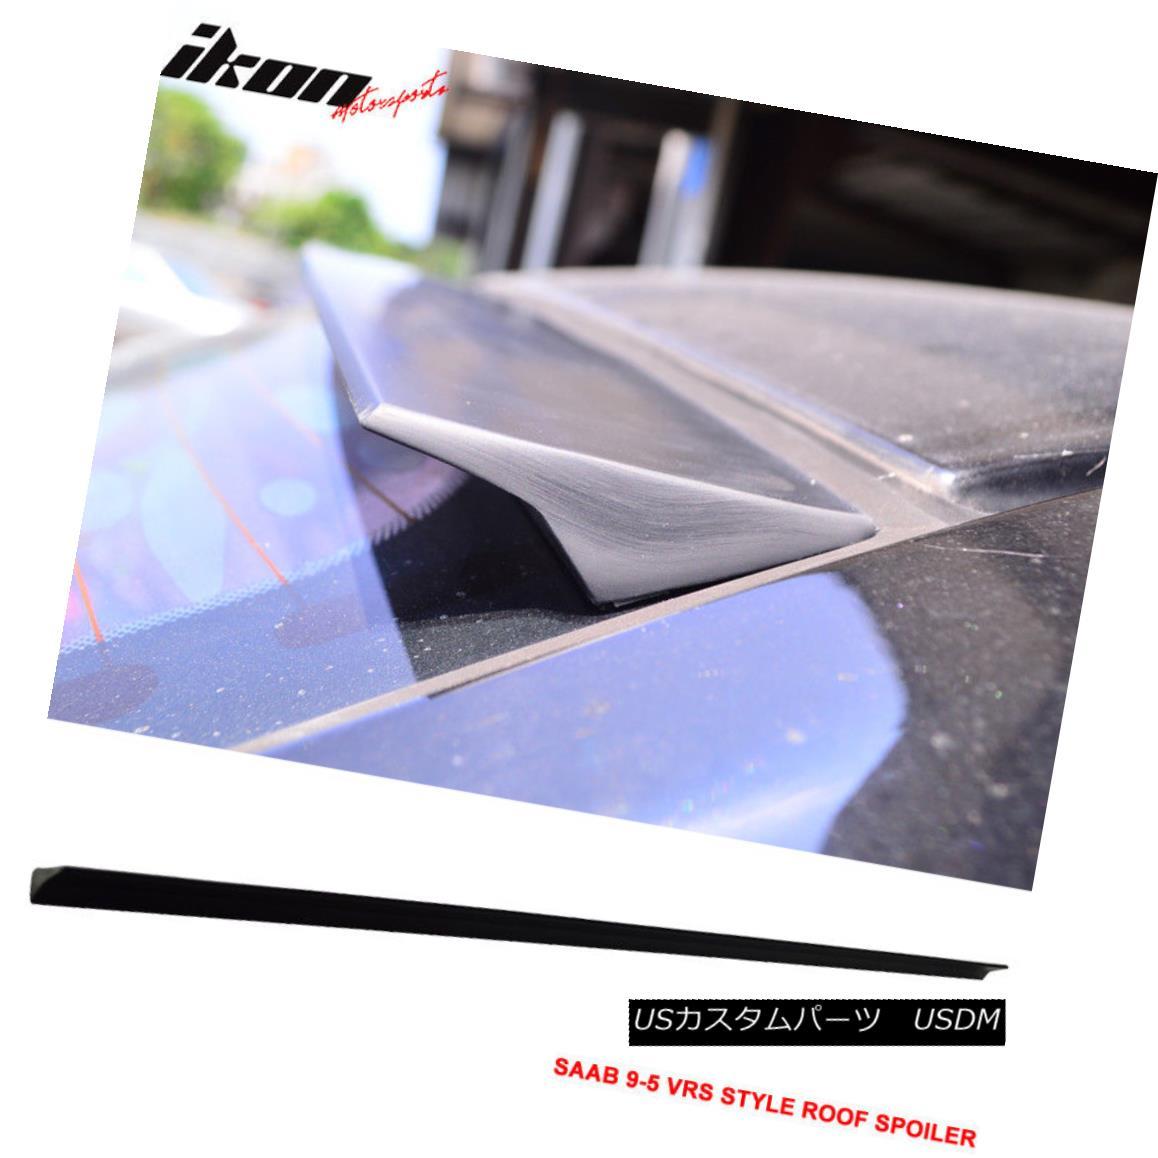 エアロパーツ 10-12 SAAB 9-5 VRS Style Unpainted Rear Roof Spoiler Wing Visor - PUF 10-12 SAAB 9-5 VRSスタイル未塗装リアルーフスポイラーウイングバイザー - PUF